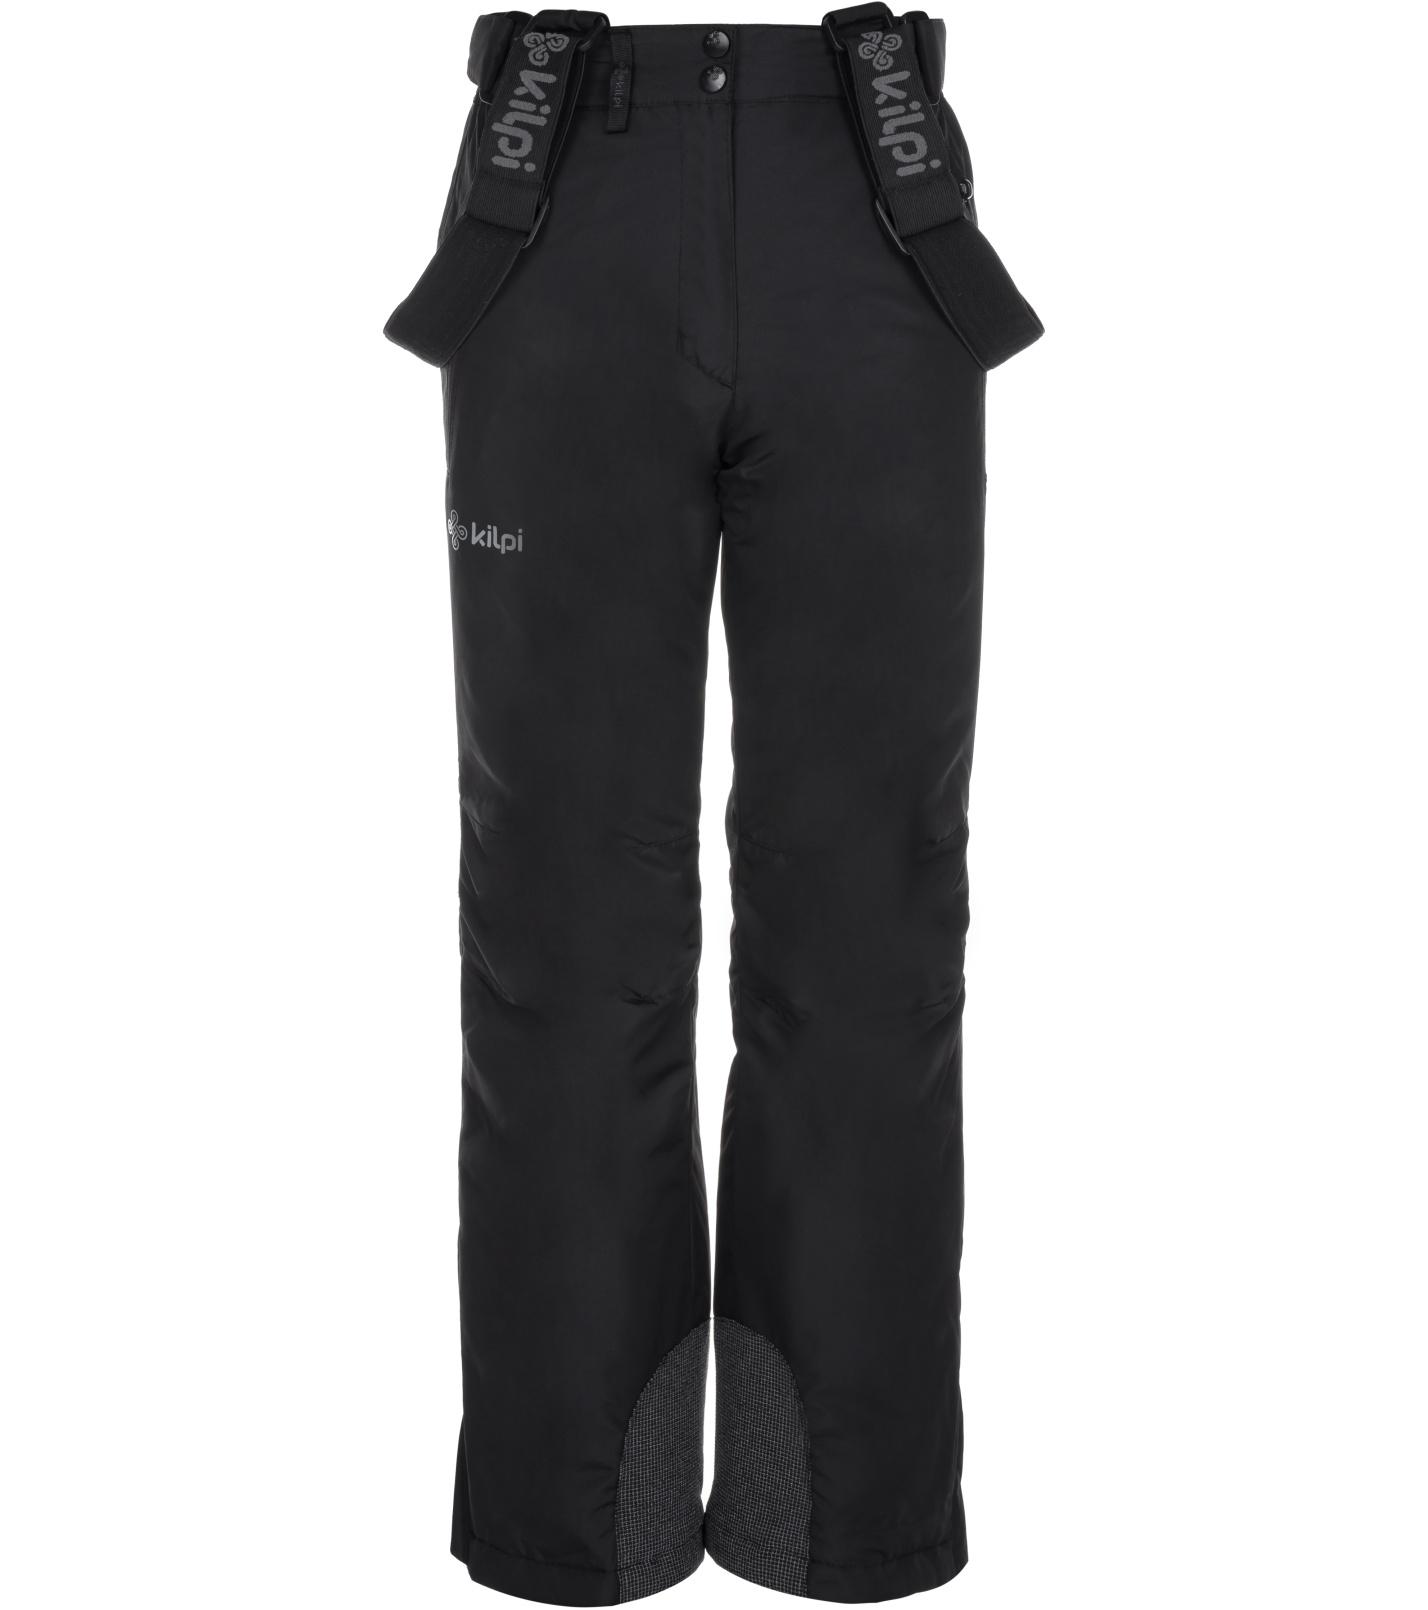 KILPI Dívčí lyžařské kalhoty ELARE-JG LJ0007KIBLK Černá 134